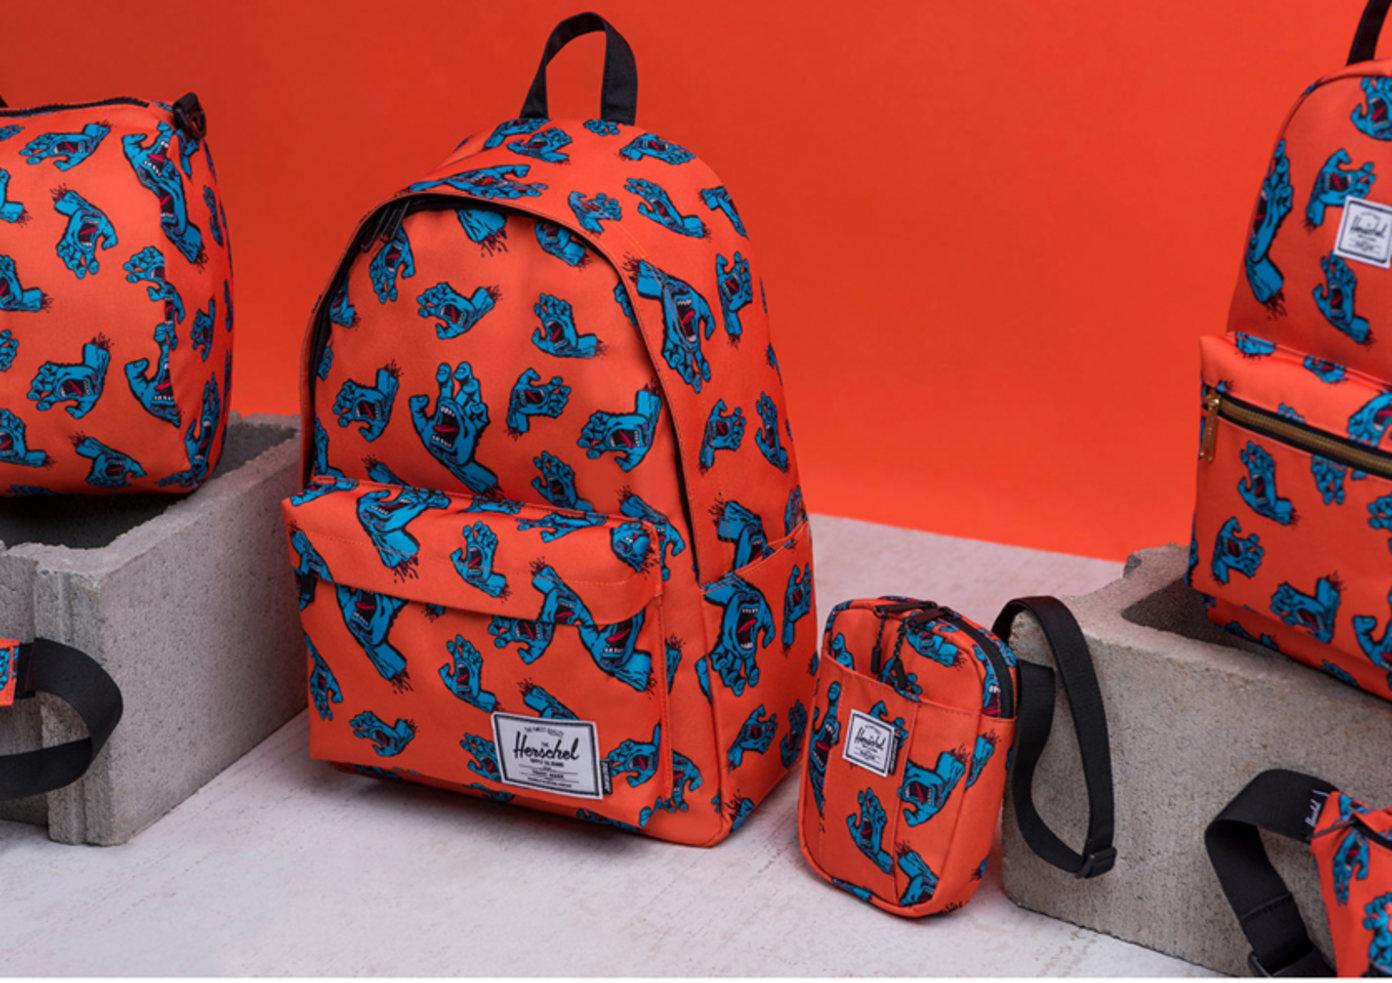 Herschel Supply Co. x Santa Cruz Pack